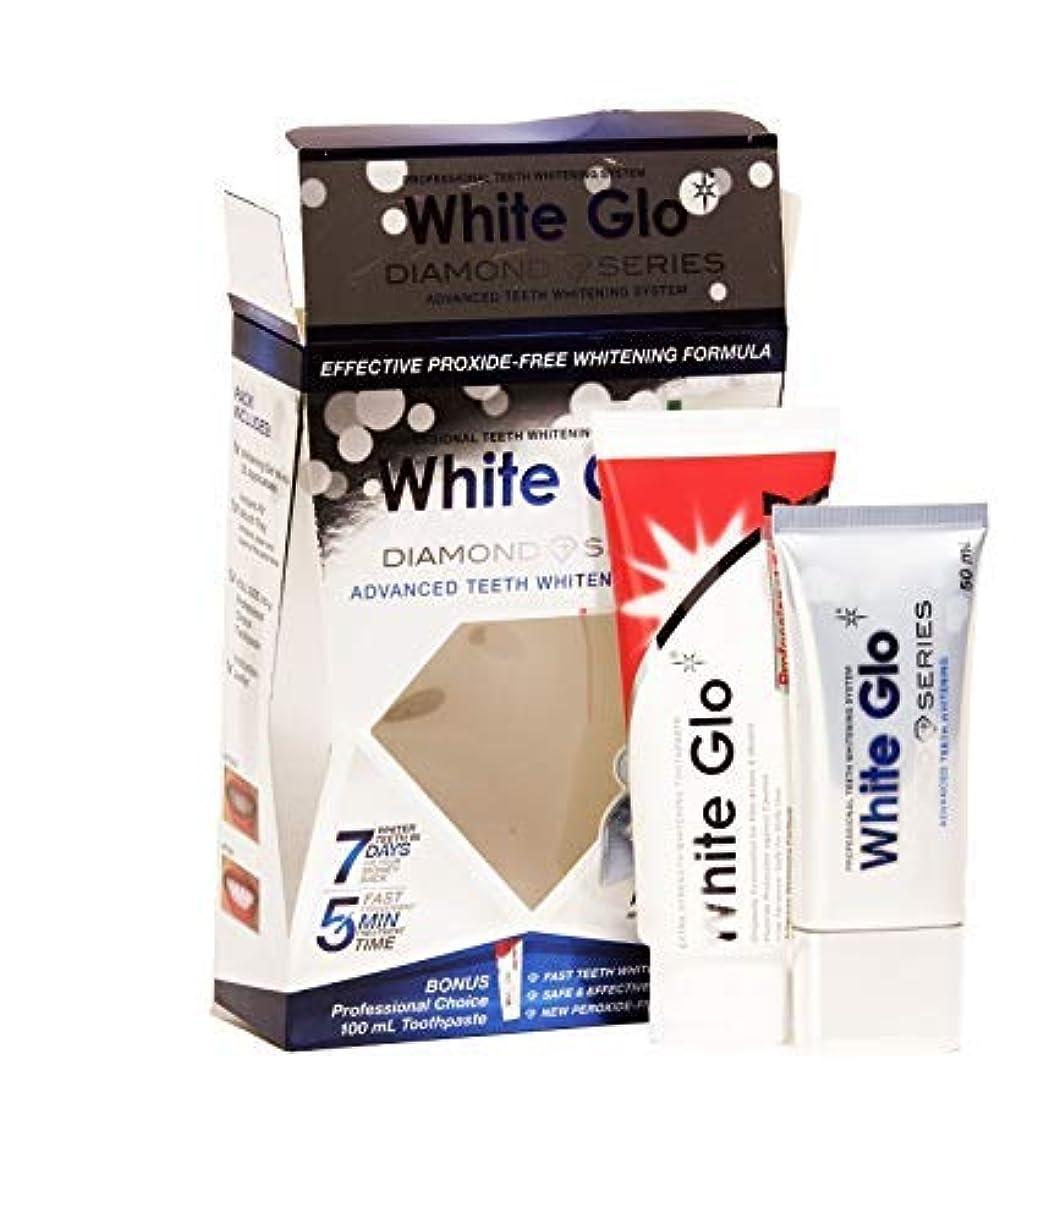 テニス平和的ためにTeeth Whitening Systems White Glo White Glo Diamond Series Bleaching Set Gel & Paste 50ml + 100ml Australia?/ 歯ホワイトニングシステムホワイトグロホワイトグロダイヤモンドシリーズ漂白セットジェル&ペースト50ml + 100mlオーストラリア